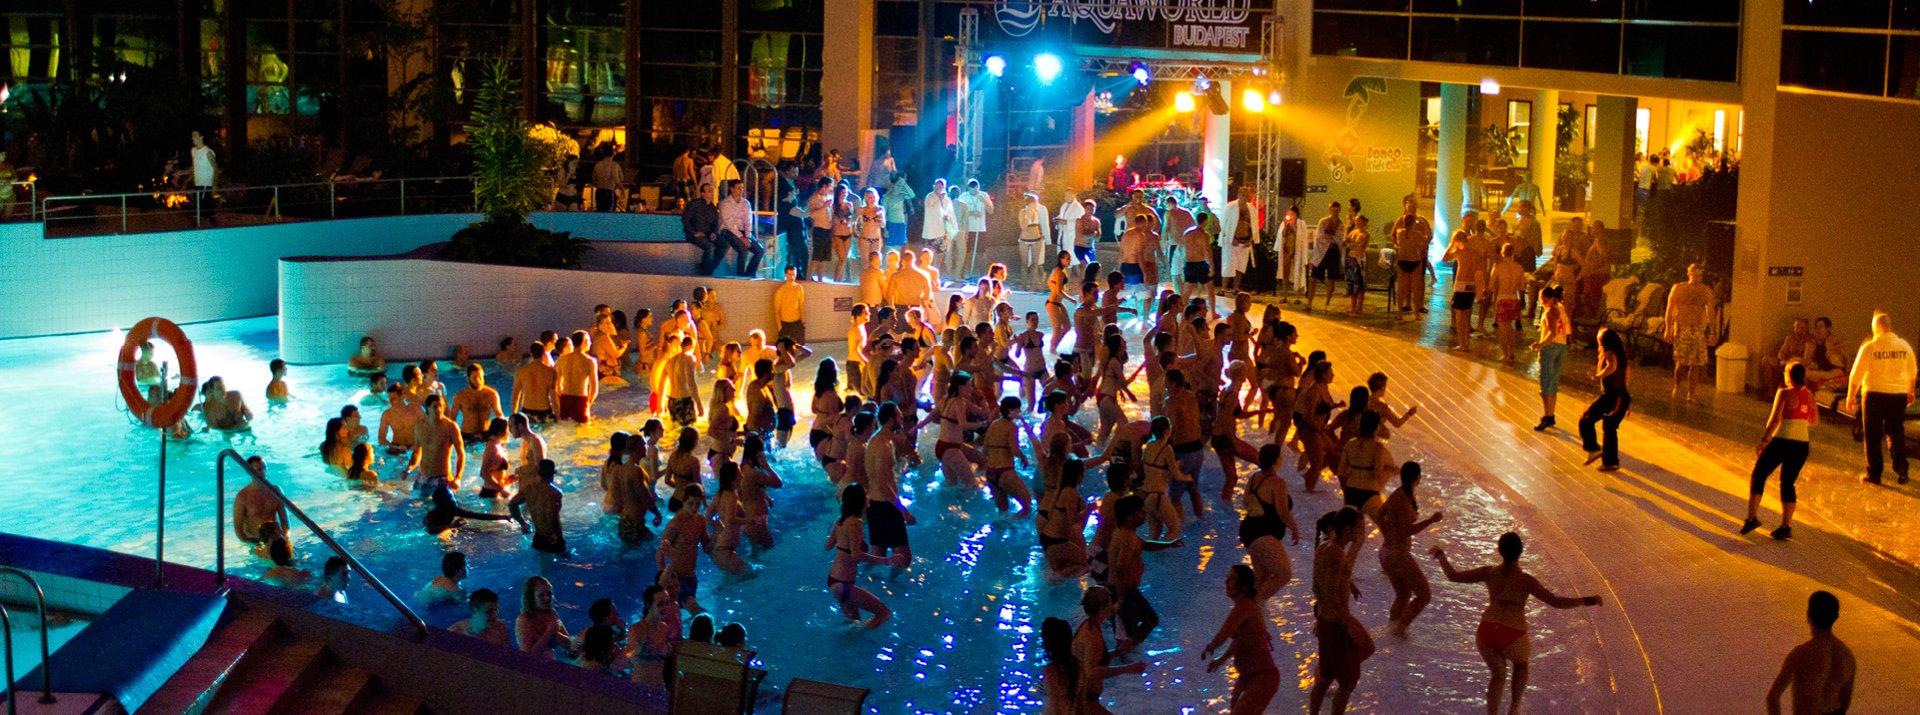 Splash Valentine S Day Night Pool Party Aquaworld